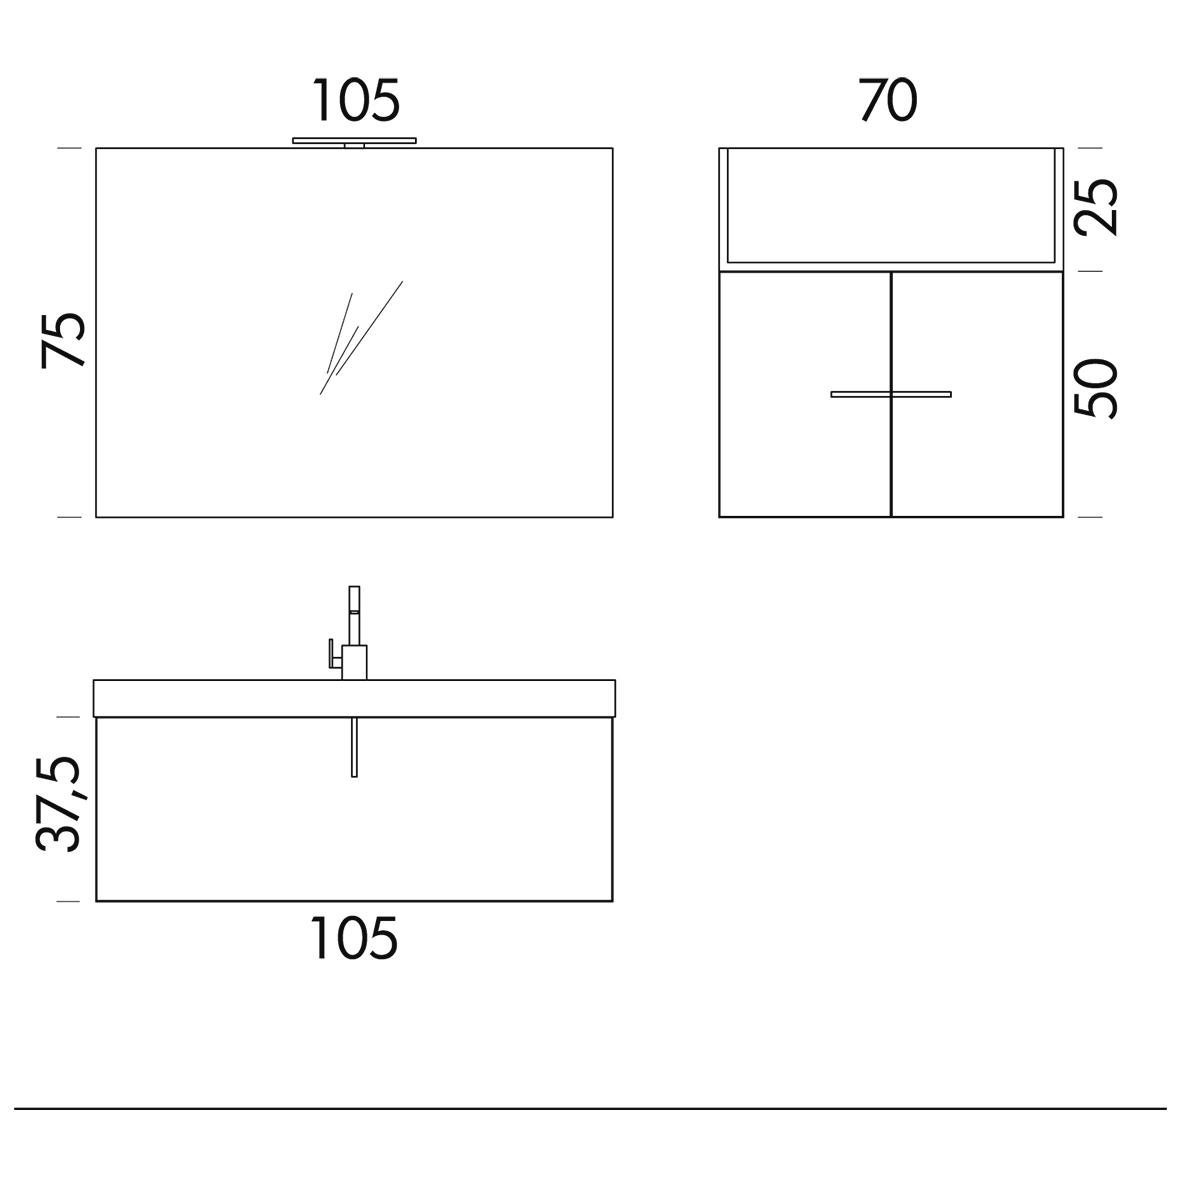 b201 66 life - mobile arredo bagno design l 106+70 cm ... - Misure Arredo Bagno